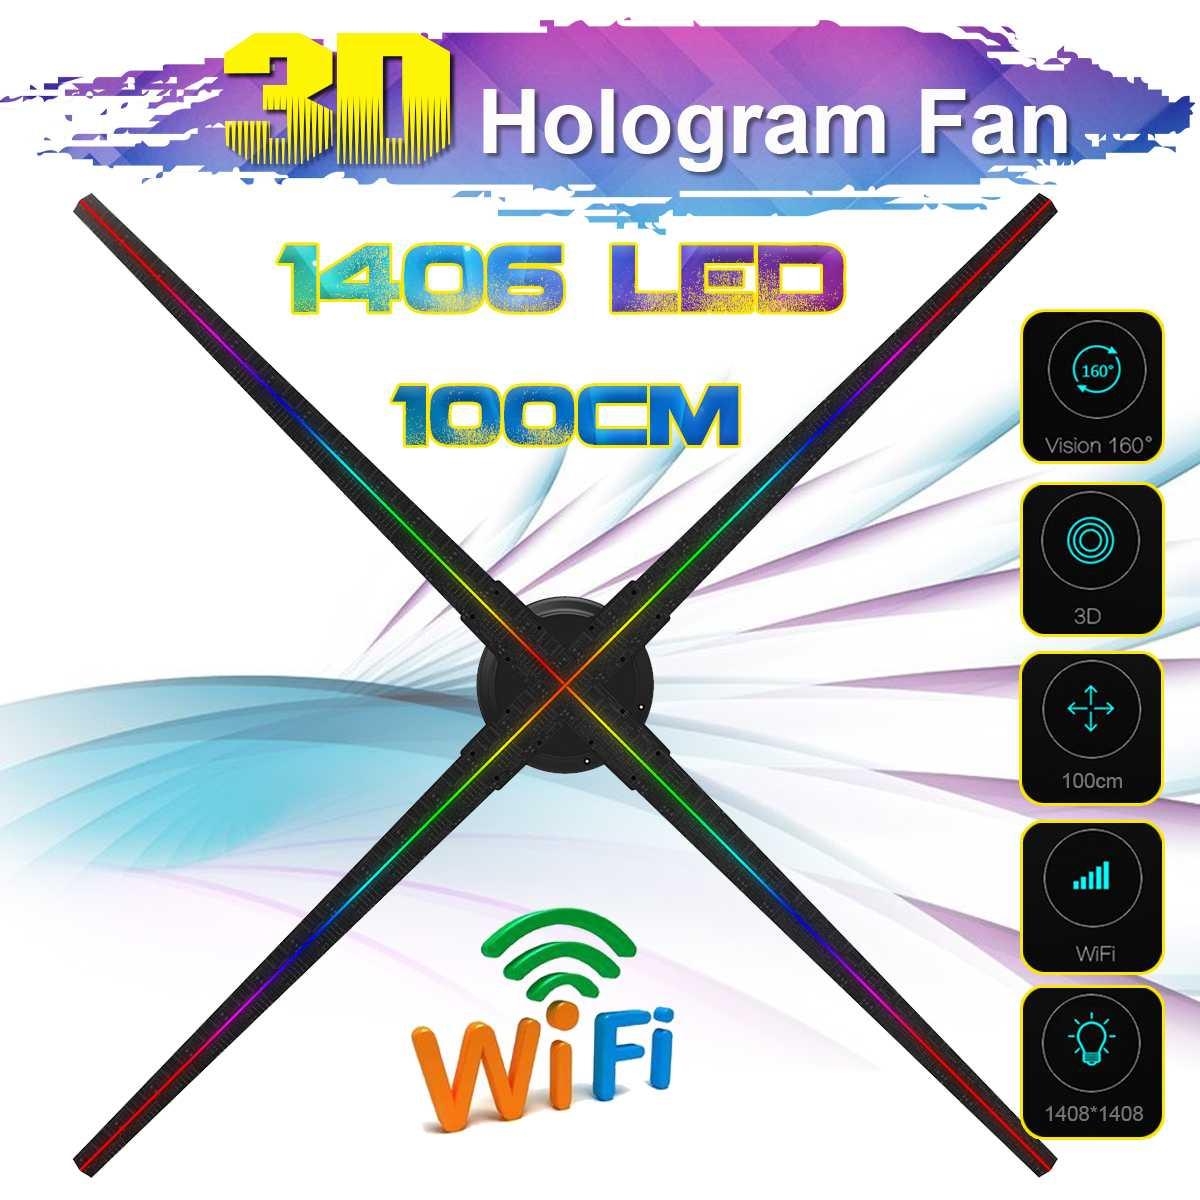 Ulepszony 100CM Wifi 3D projektor holograficzny odtwarzacz z hologramem LED wyświetlacz wentylator światło reklamowe kontrola aplikacji z baterią na świeżym powietrzu